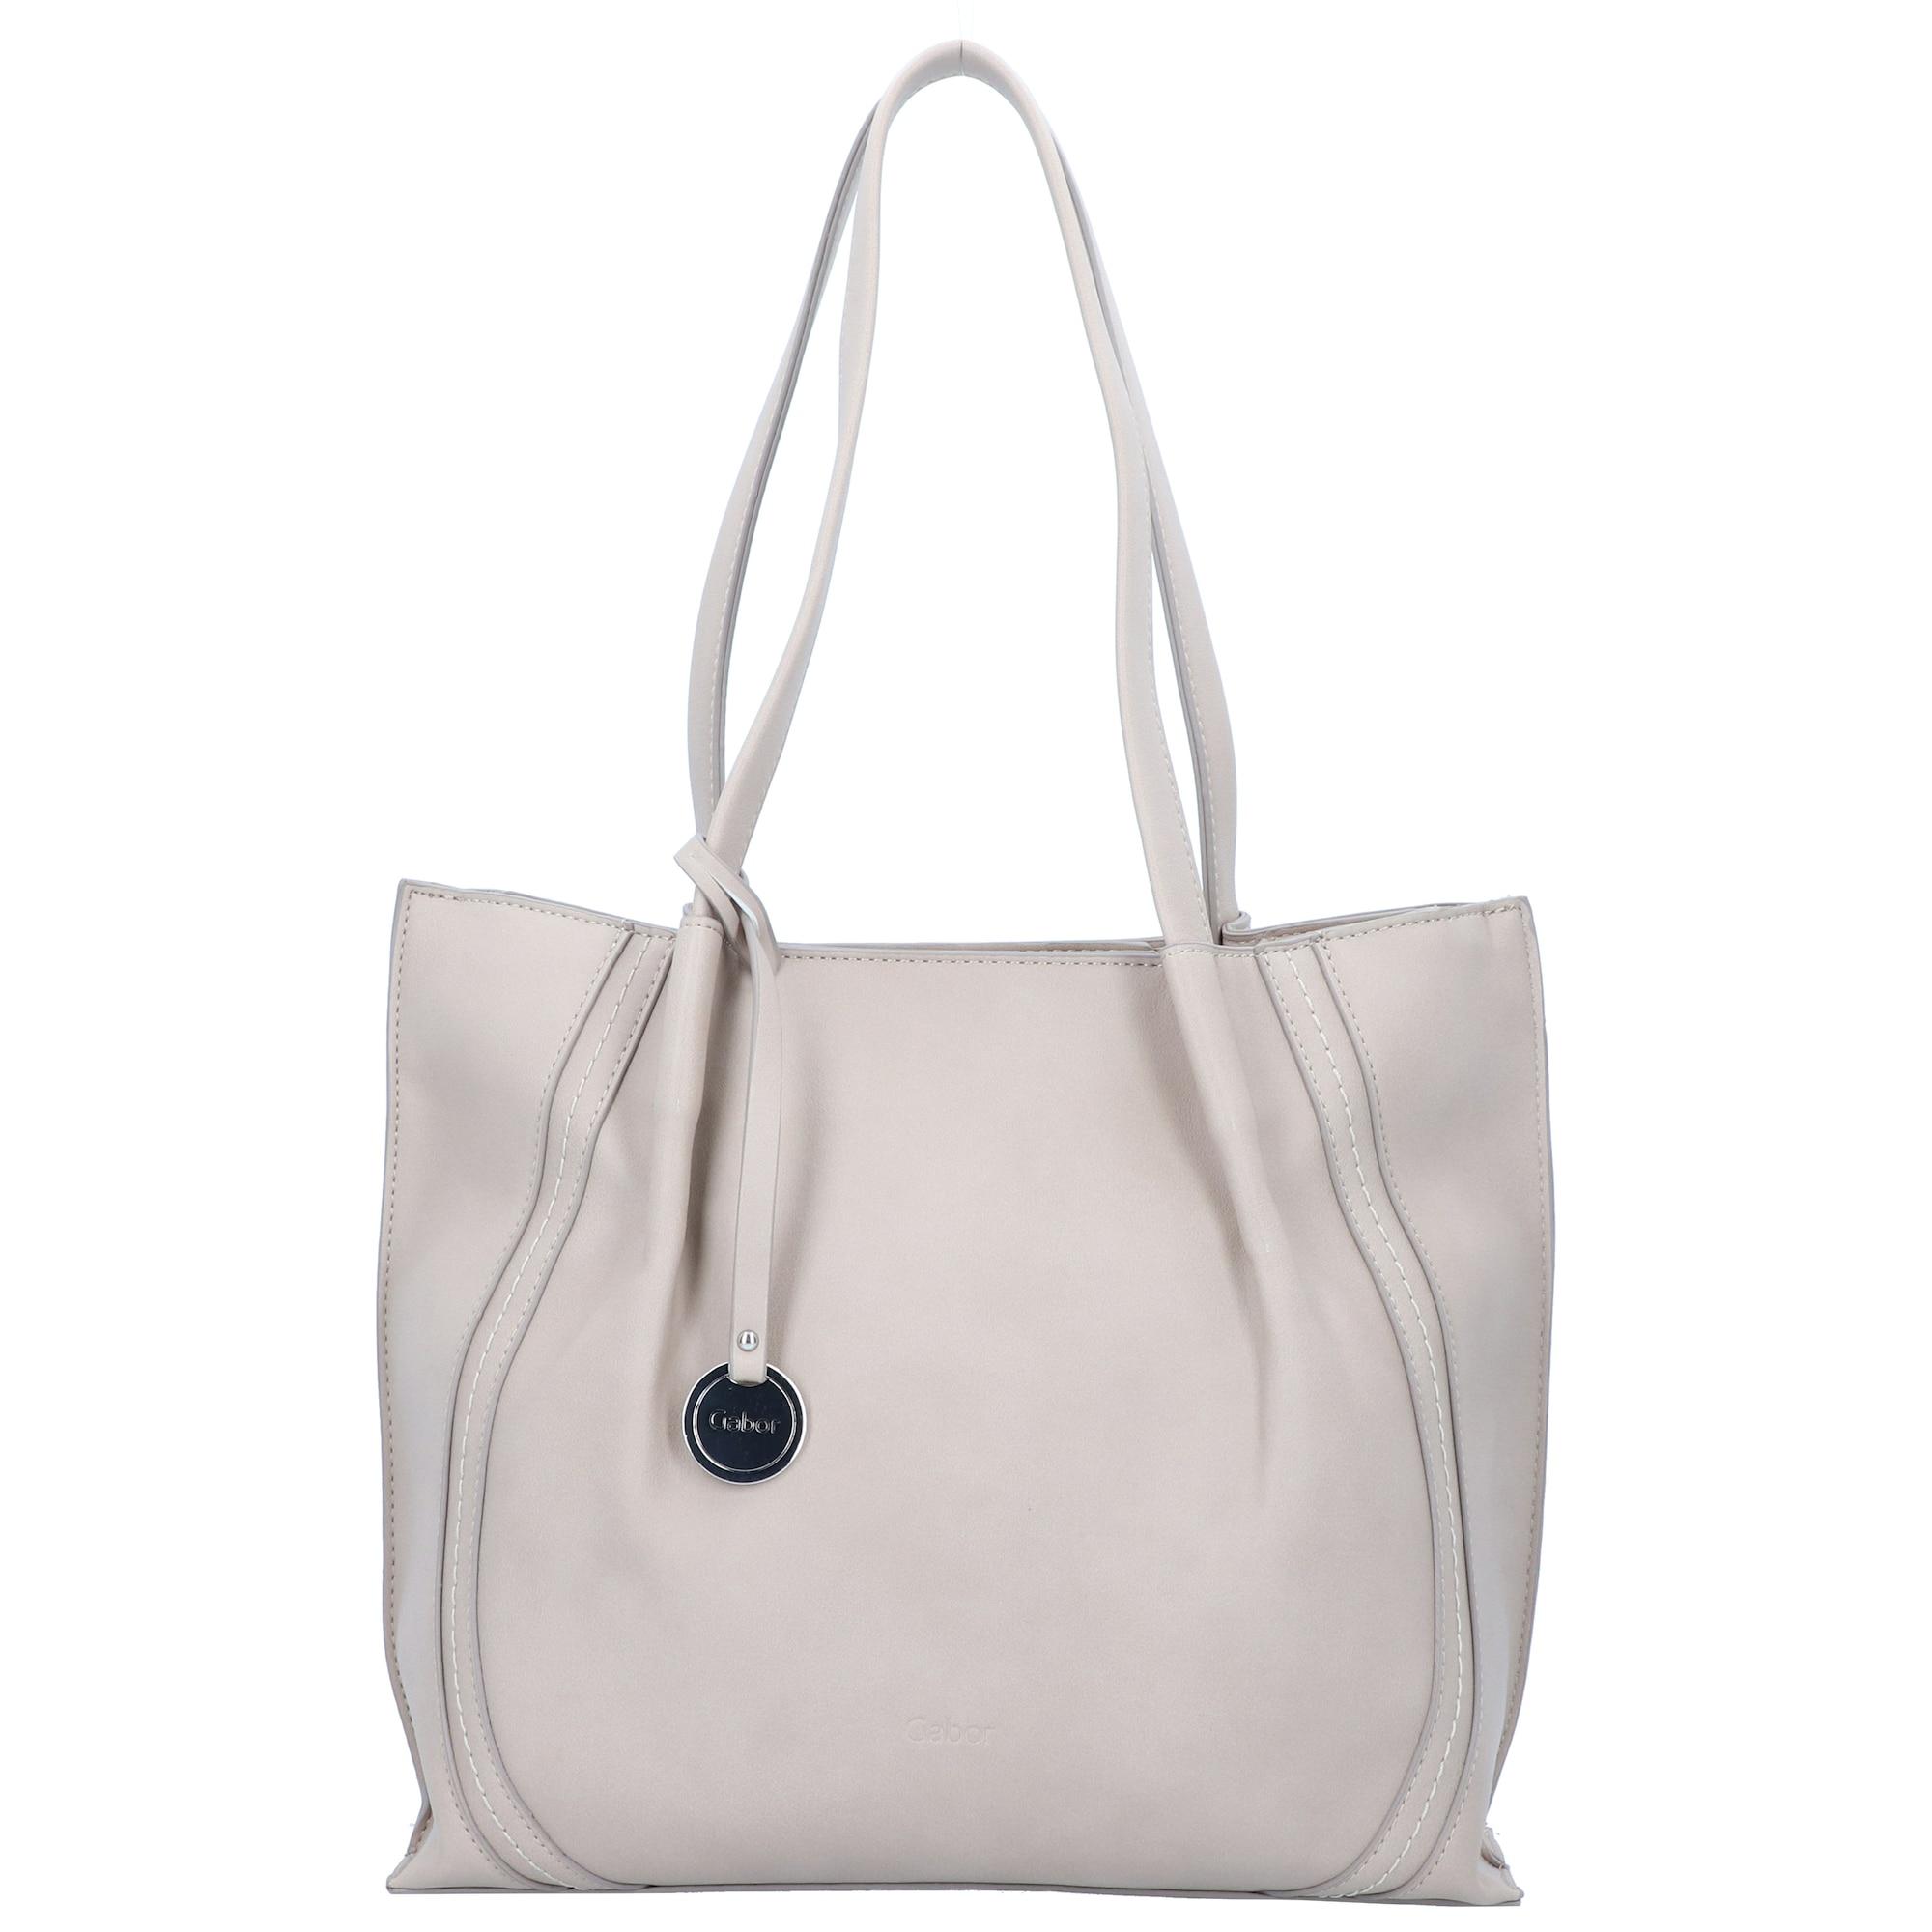 Schultertasche 'Enza' 33 cm | Taschen > Handtaschen > Schultertaschen | Beige | Gabor